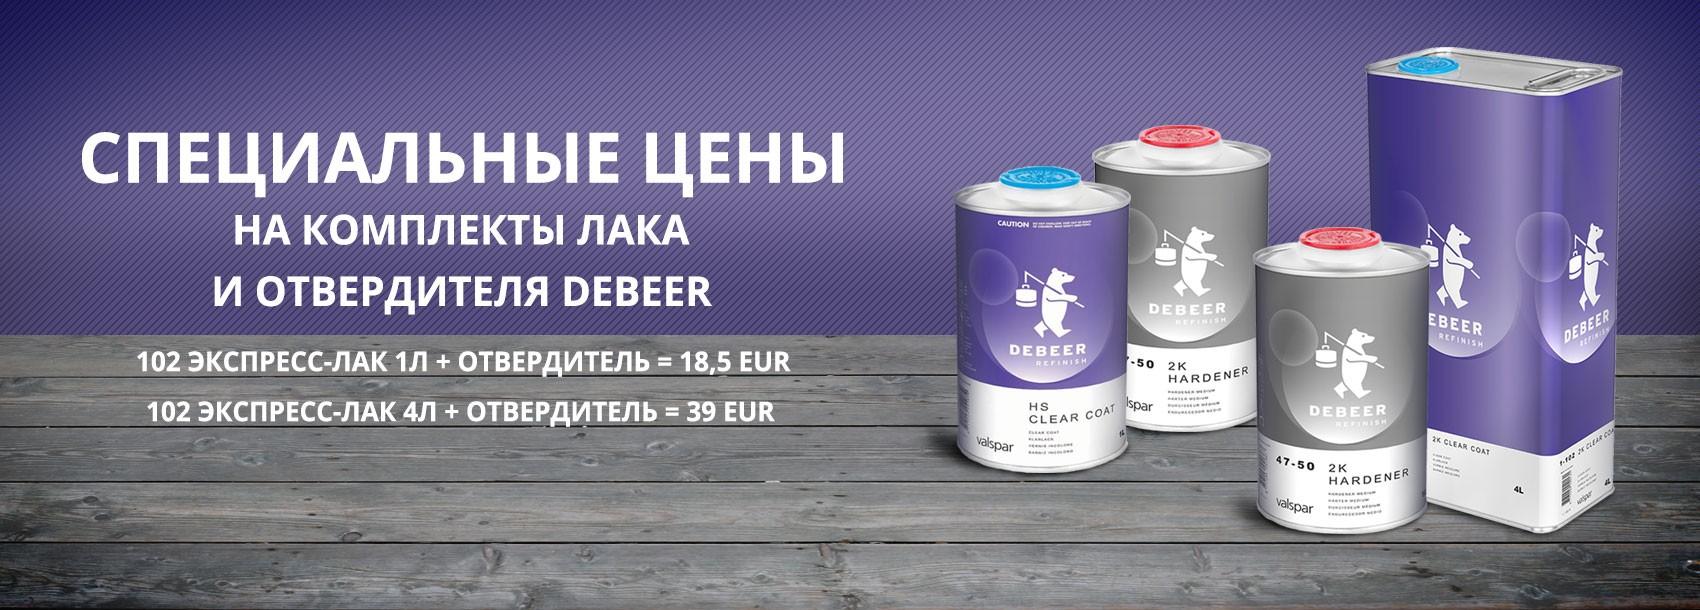 Специальные цены на комплекты лака с отвердителем DeBeer